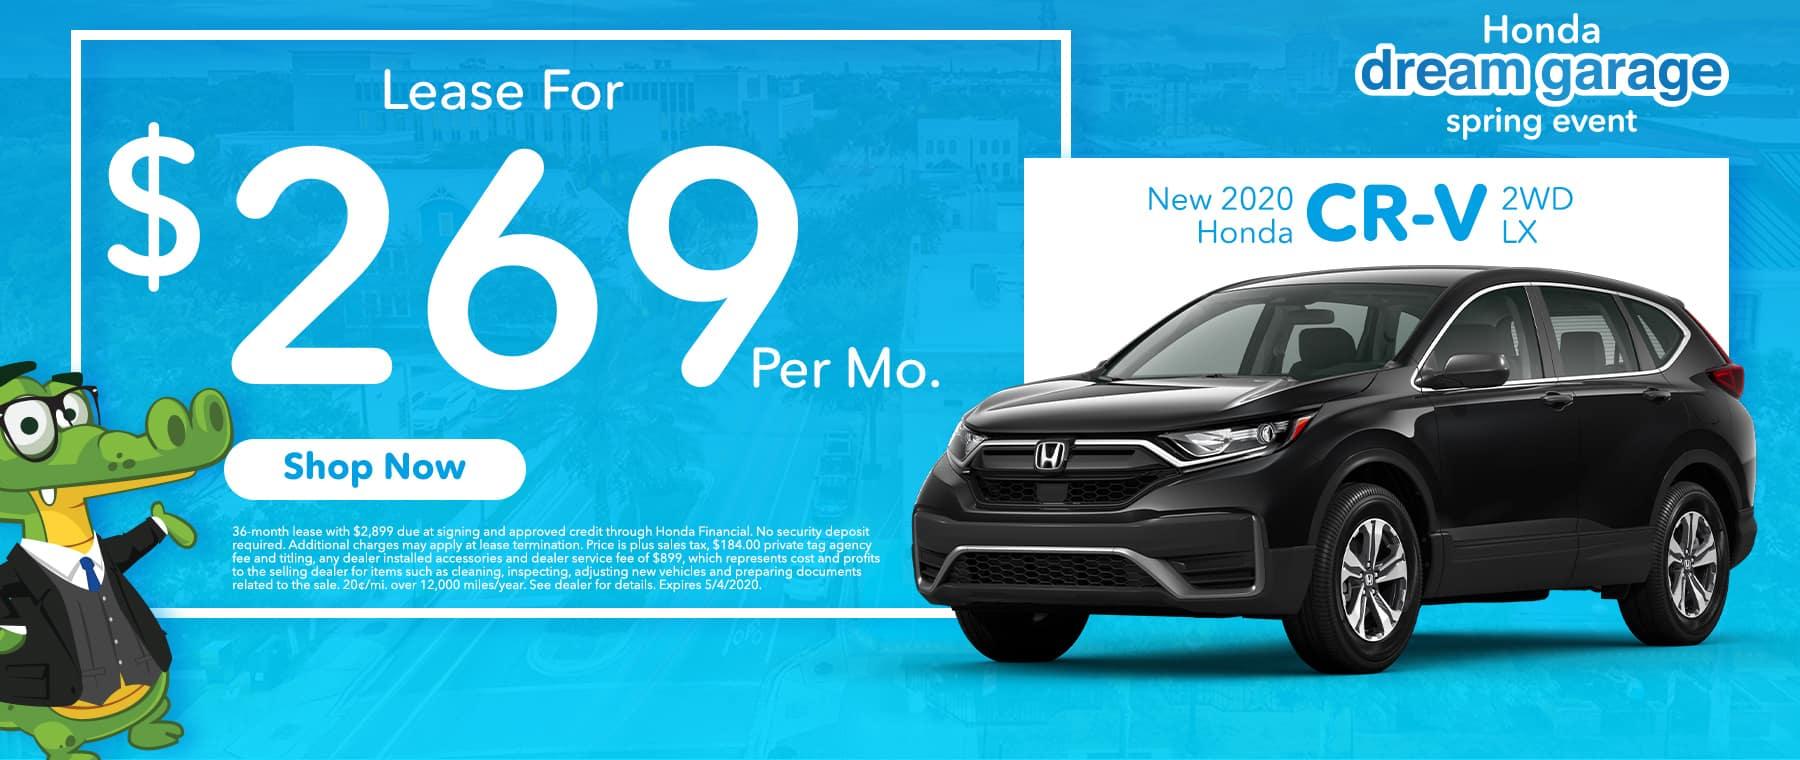 New 2020 Honda CR-V 2WD LX | Lease For $269 Per Mo | Honda Dream Garage Spring Event